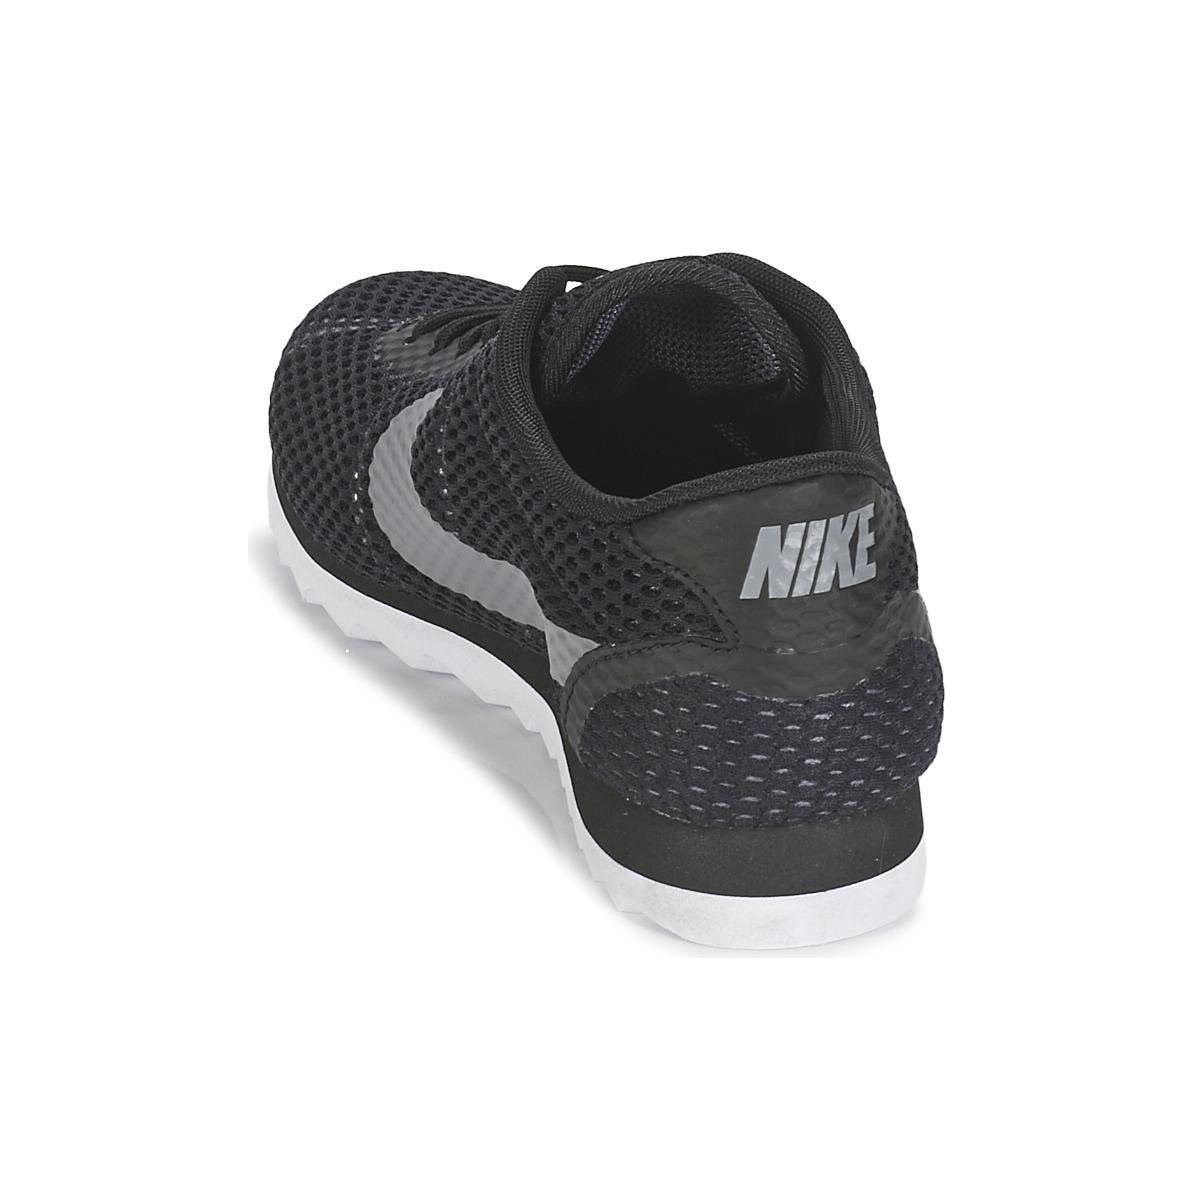 Nike Cortez Ultra Breathe W Women's Shoes (trainers) In Black